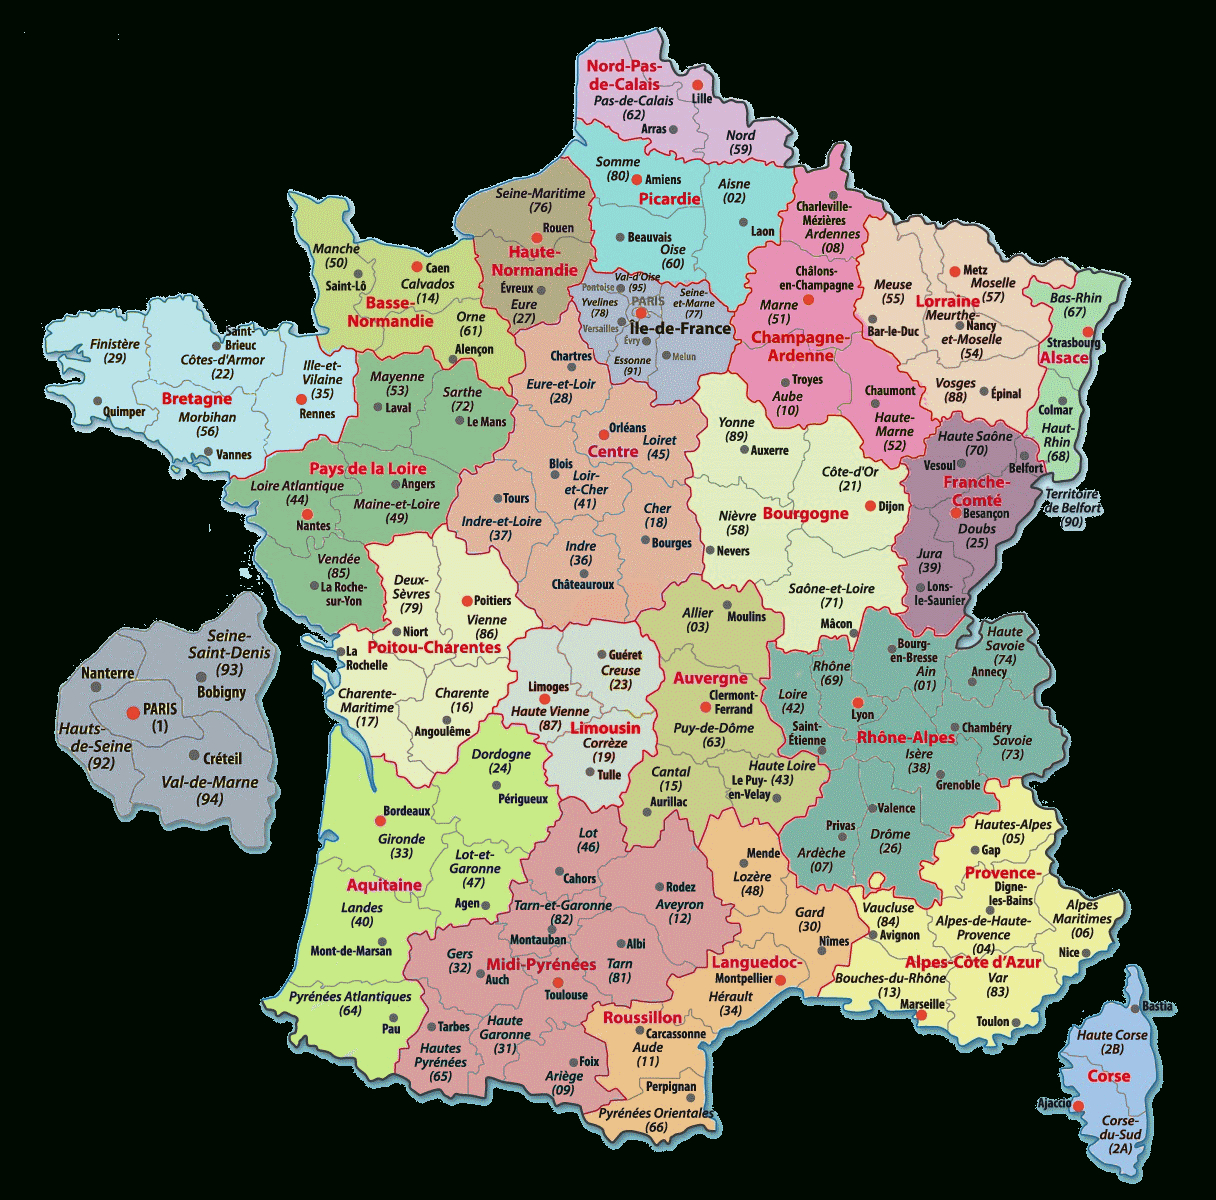 Carte Départements Régions France - Les Departements De France concernant Les Nouvelles Régions De France Et Leurs Départements